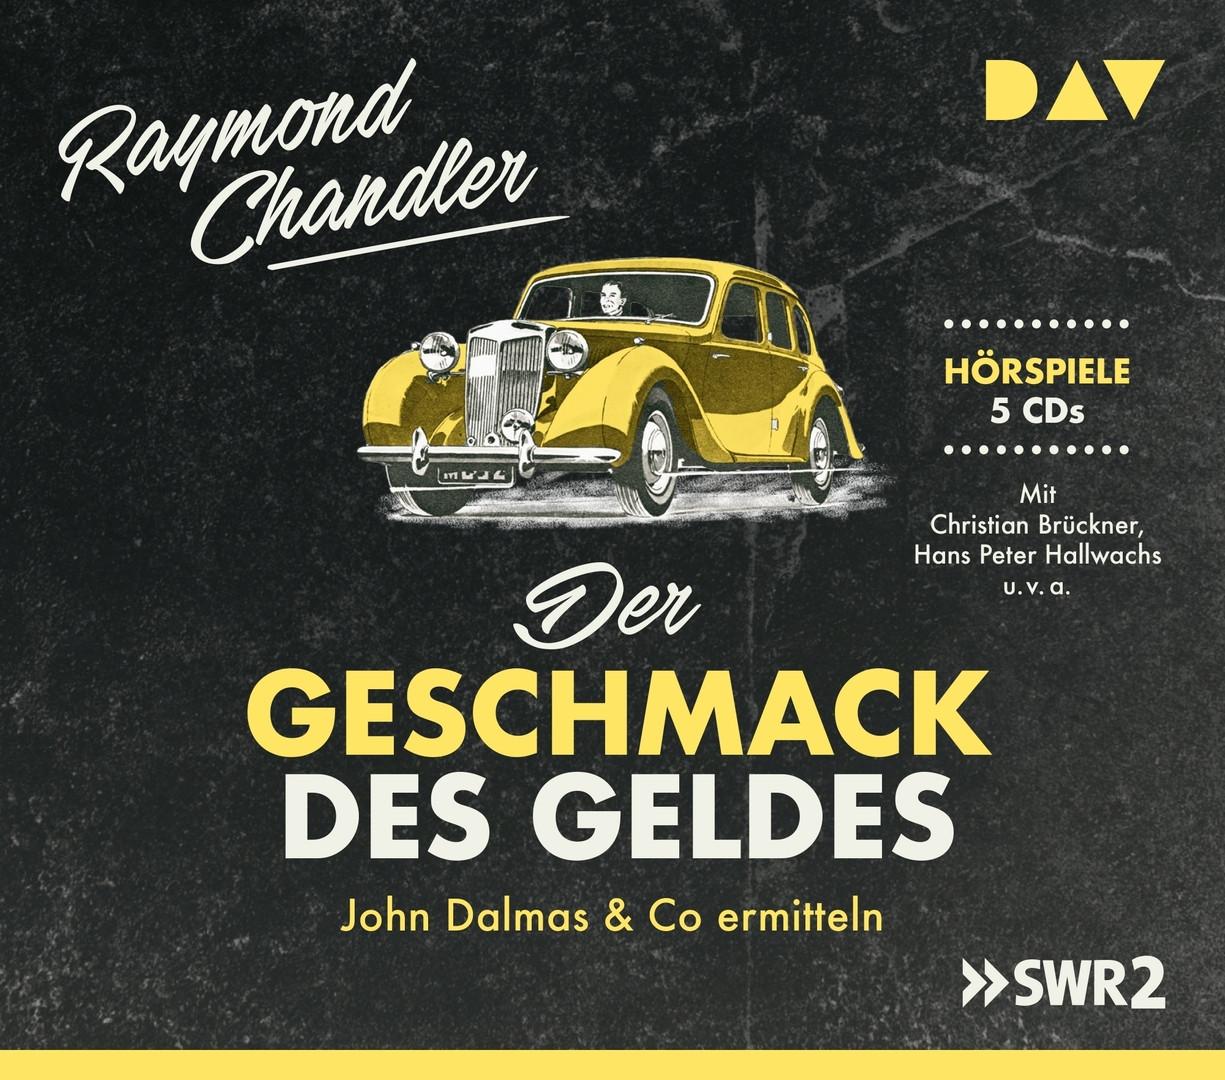 Raymond Chandler - Der Geschmack des Geldes. John Dalmas & Co ermitteln (Hörspiele)